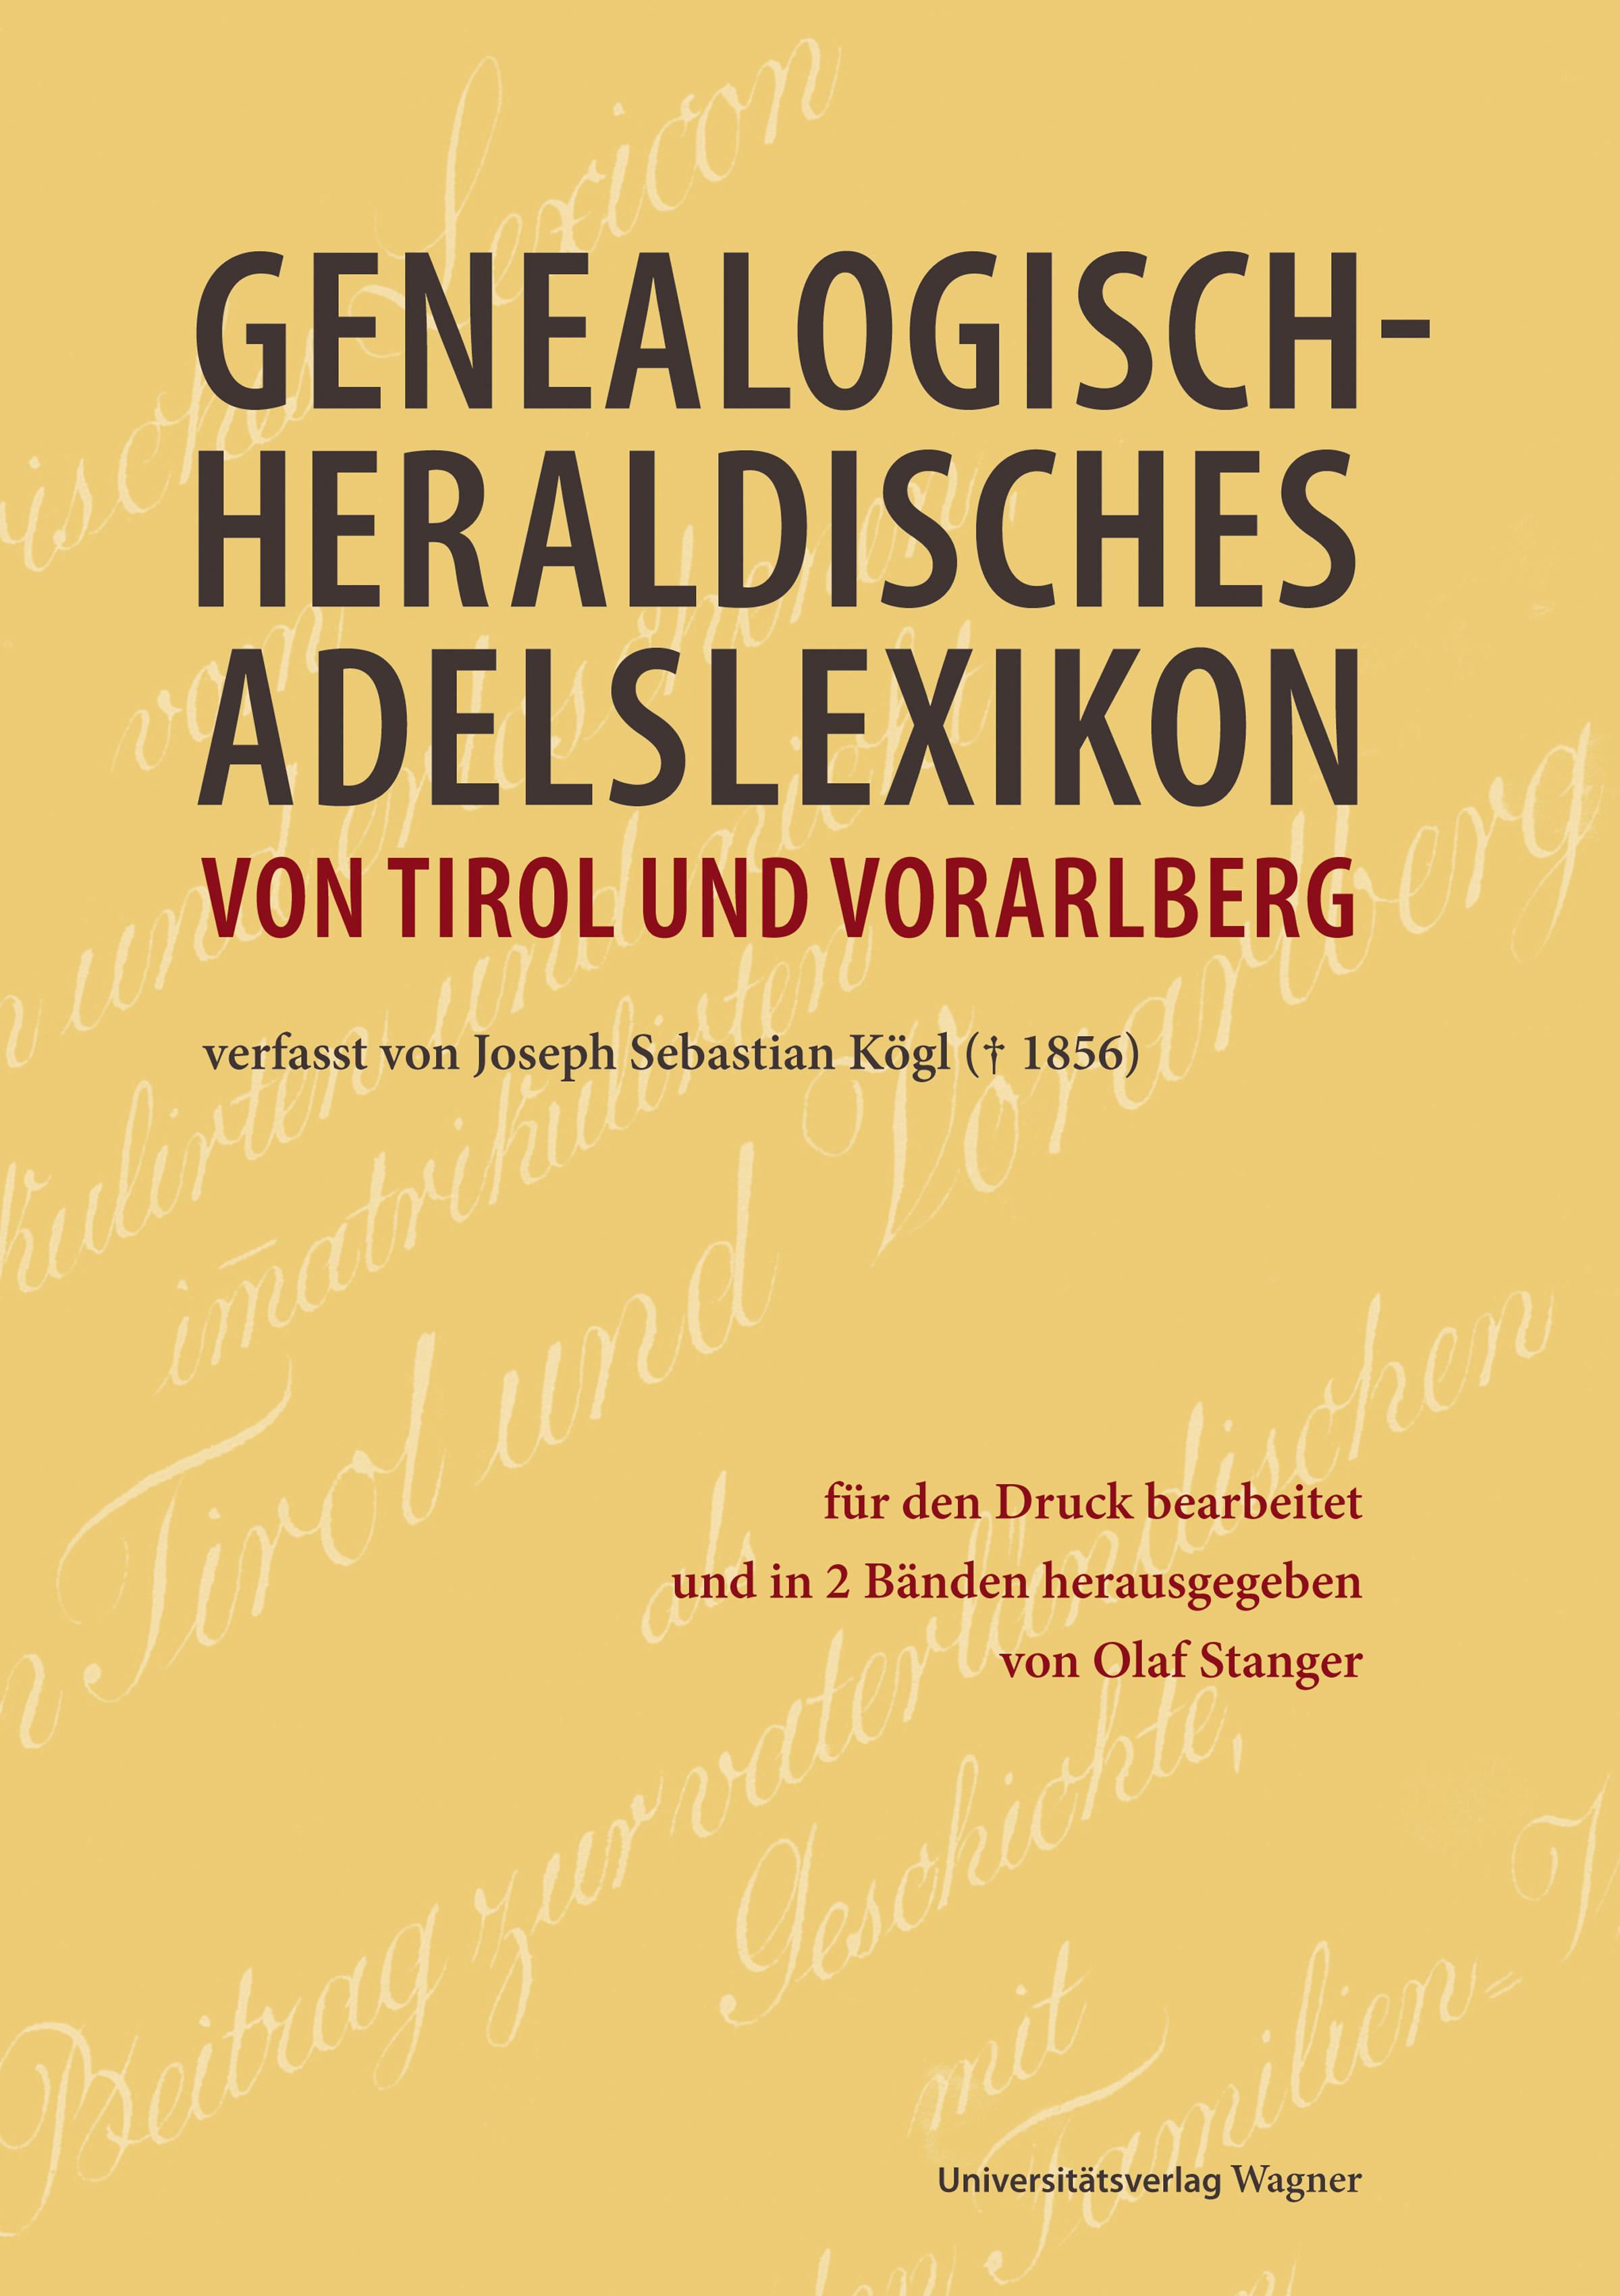 Genealogisch-heraldisches Adelslexikon von Tirol und Vorarlberg, 2 Teilbde. ...